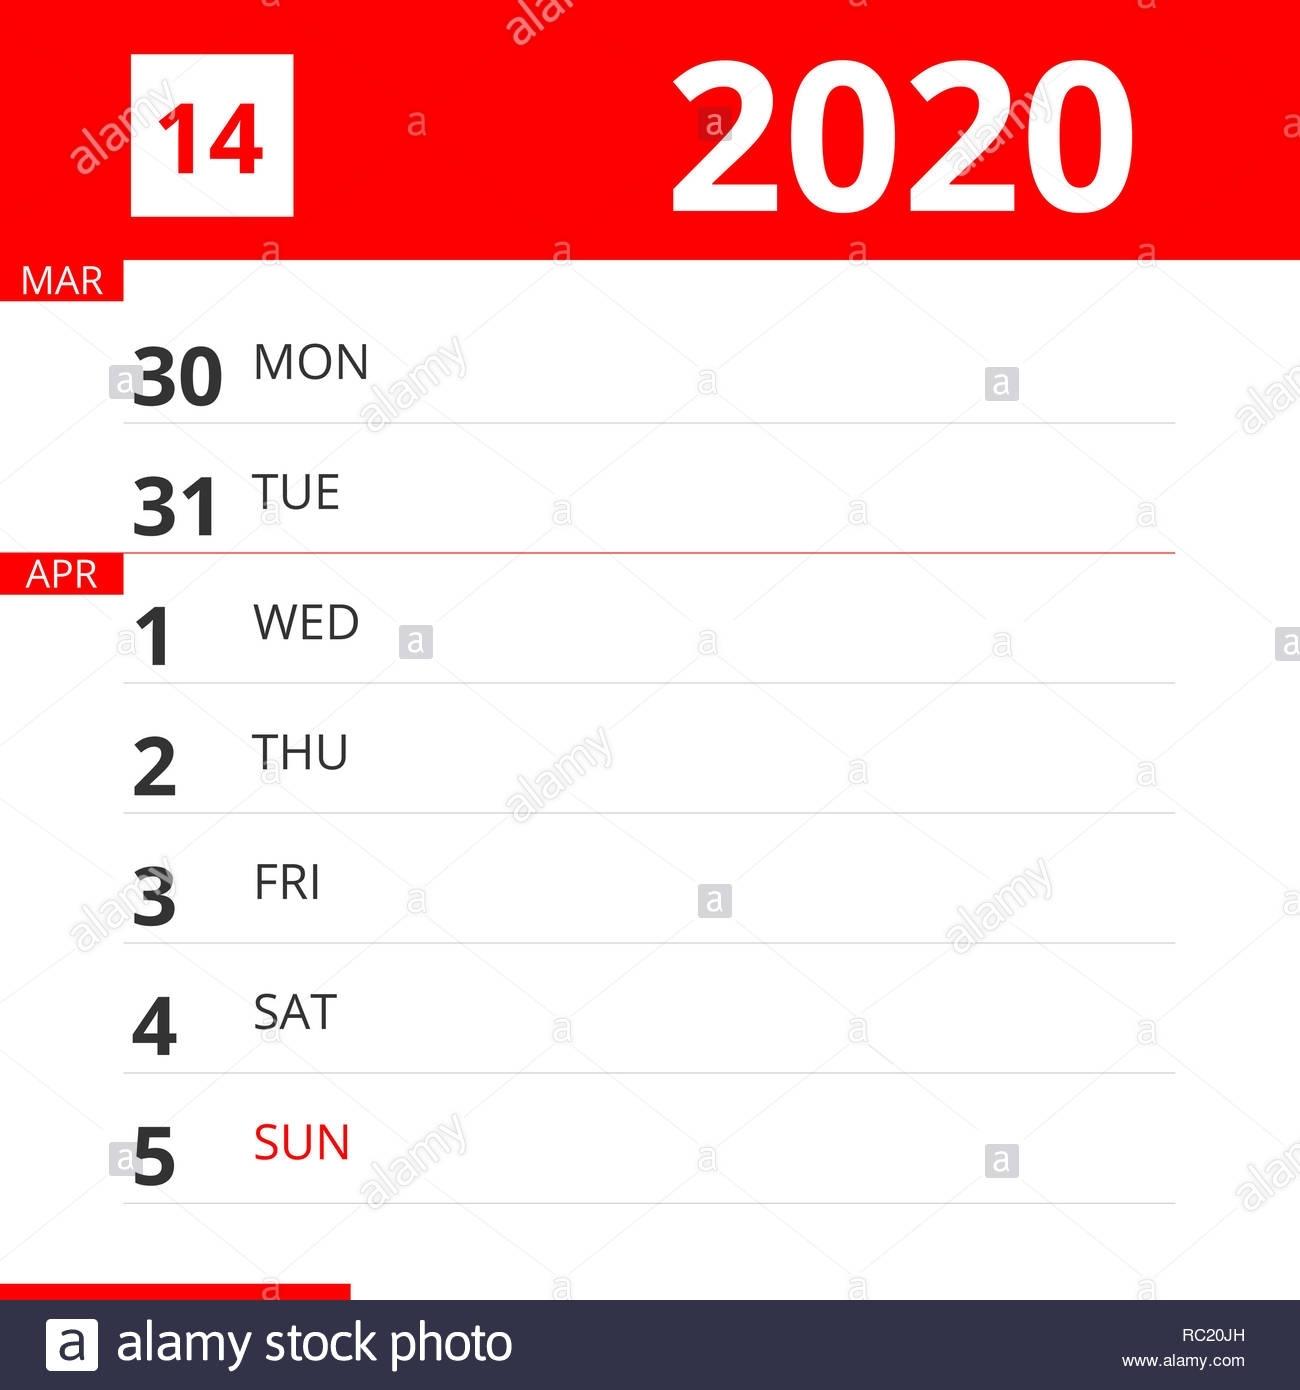 Calendar Planner For Week 14 In 2020, Ends April 5, 2020